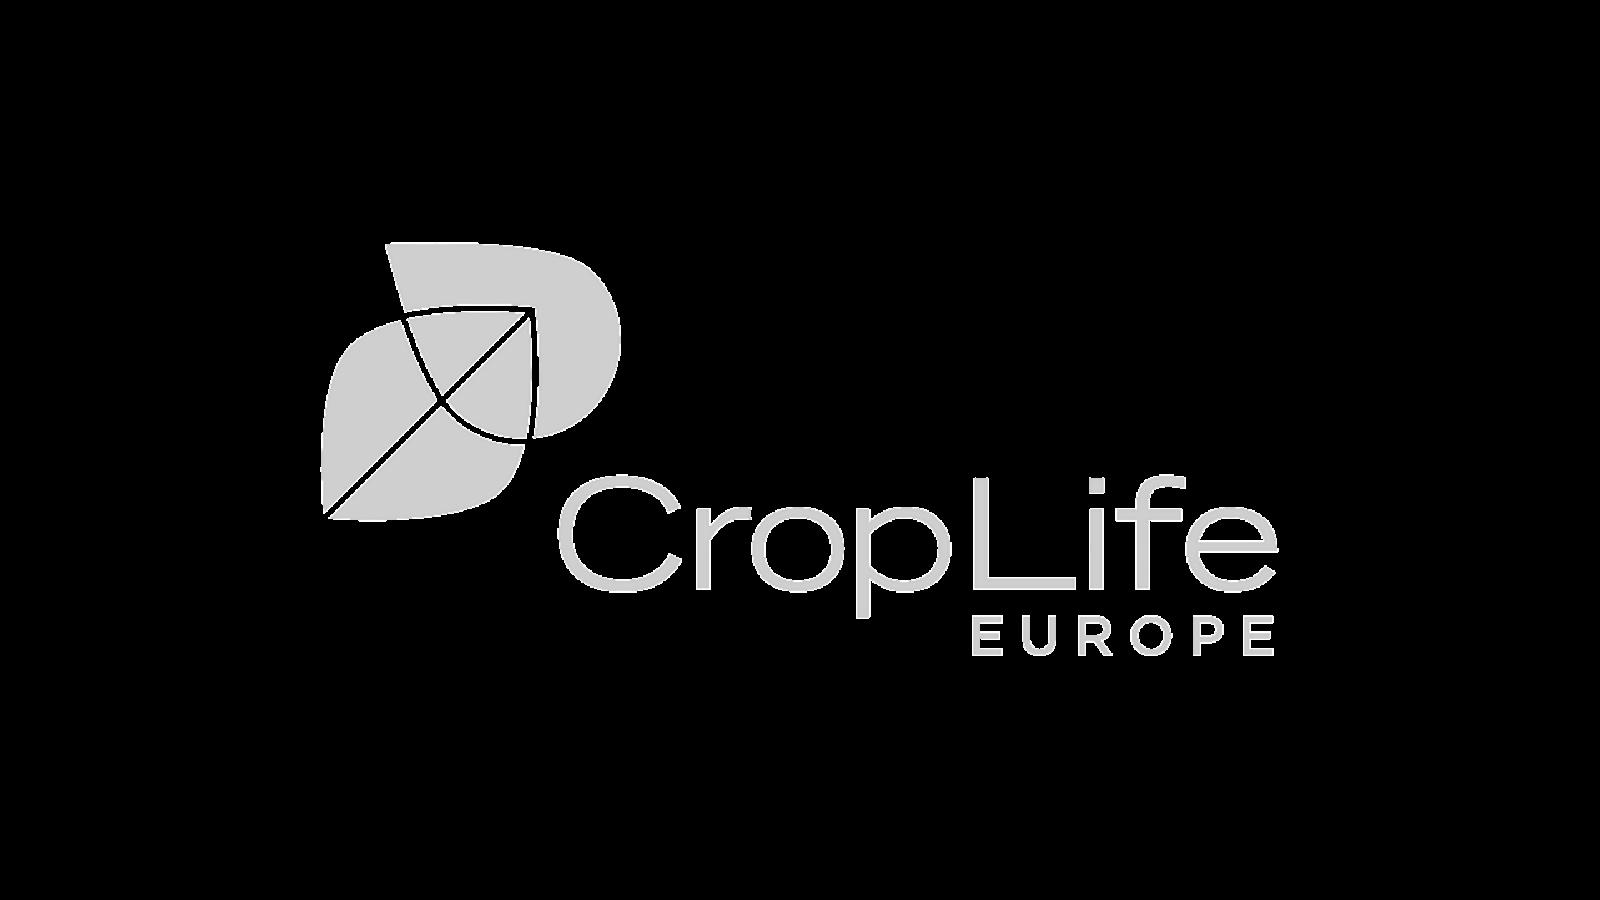 CROPLIFE EUROPE